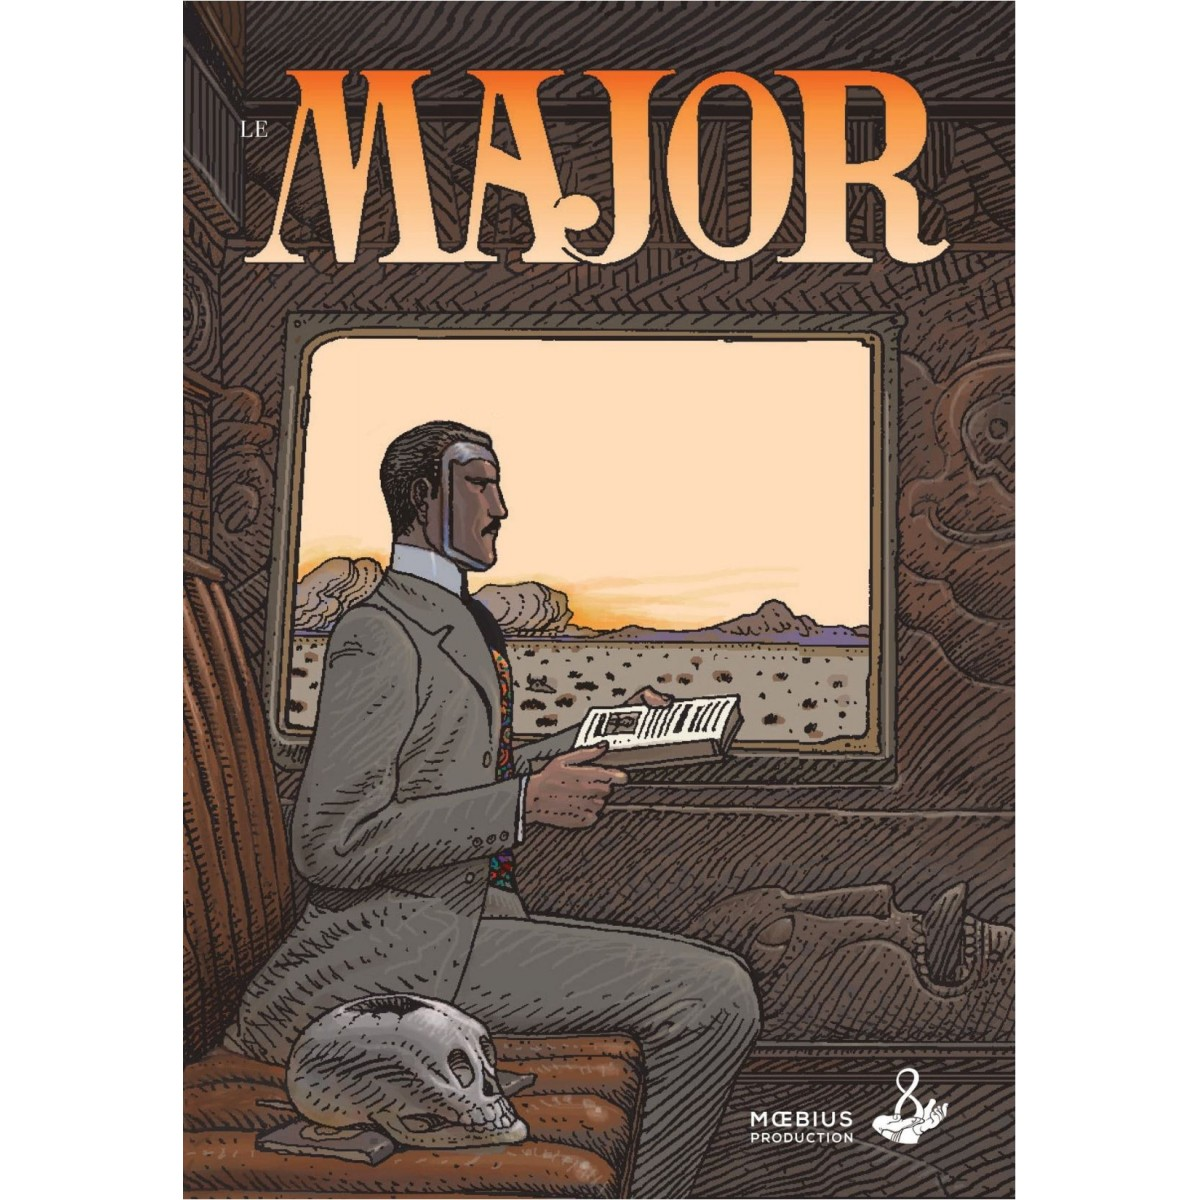 """Jean Giraud """"Moebius"""" - Le Major (FR)"""